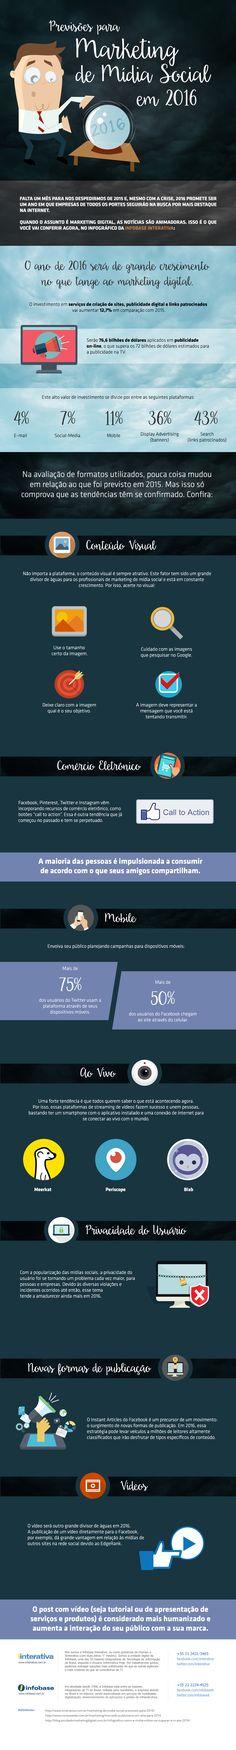 Infográfico – Conheça o tipo de crowdfunding ideal para a sua causa http://www.iinterativa.com.br/infografico-previsoes-para-marketing-de-midia-social-em-2016/